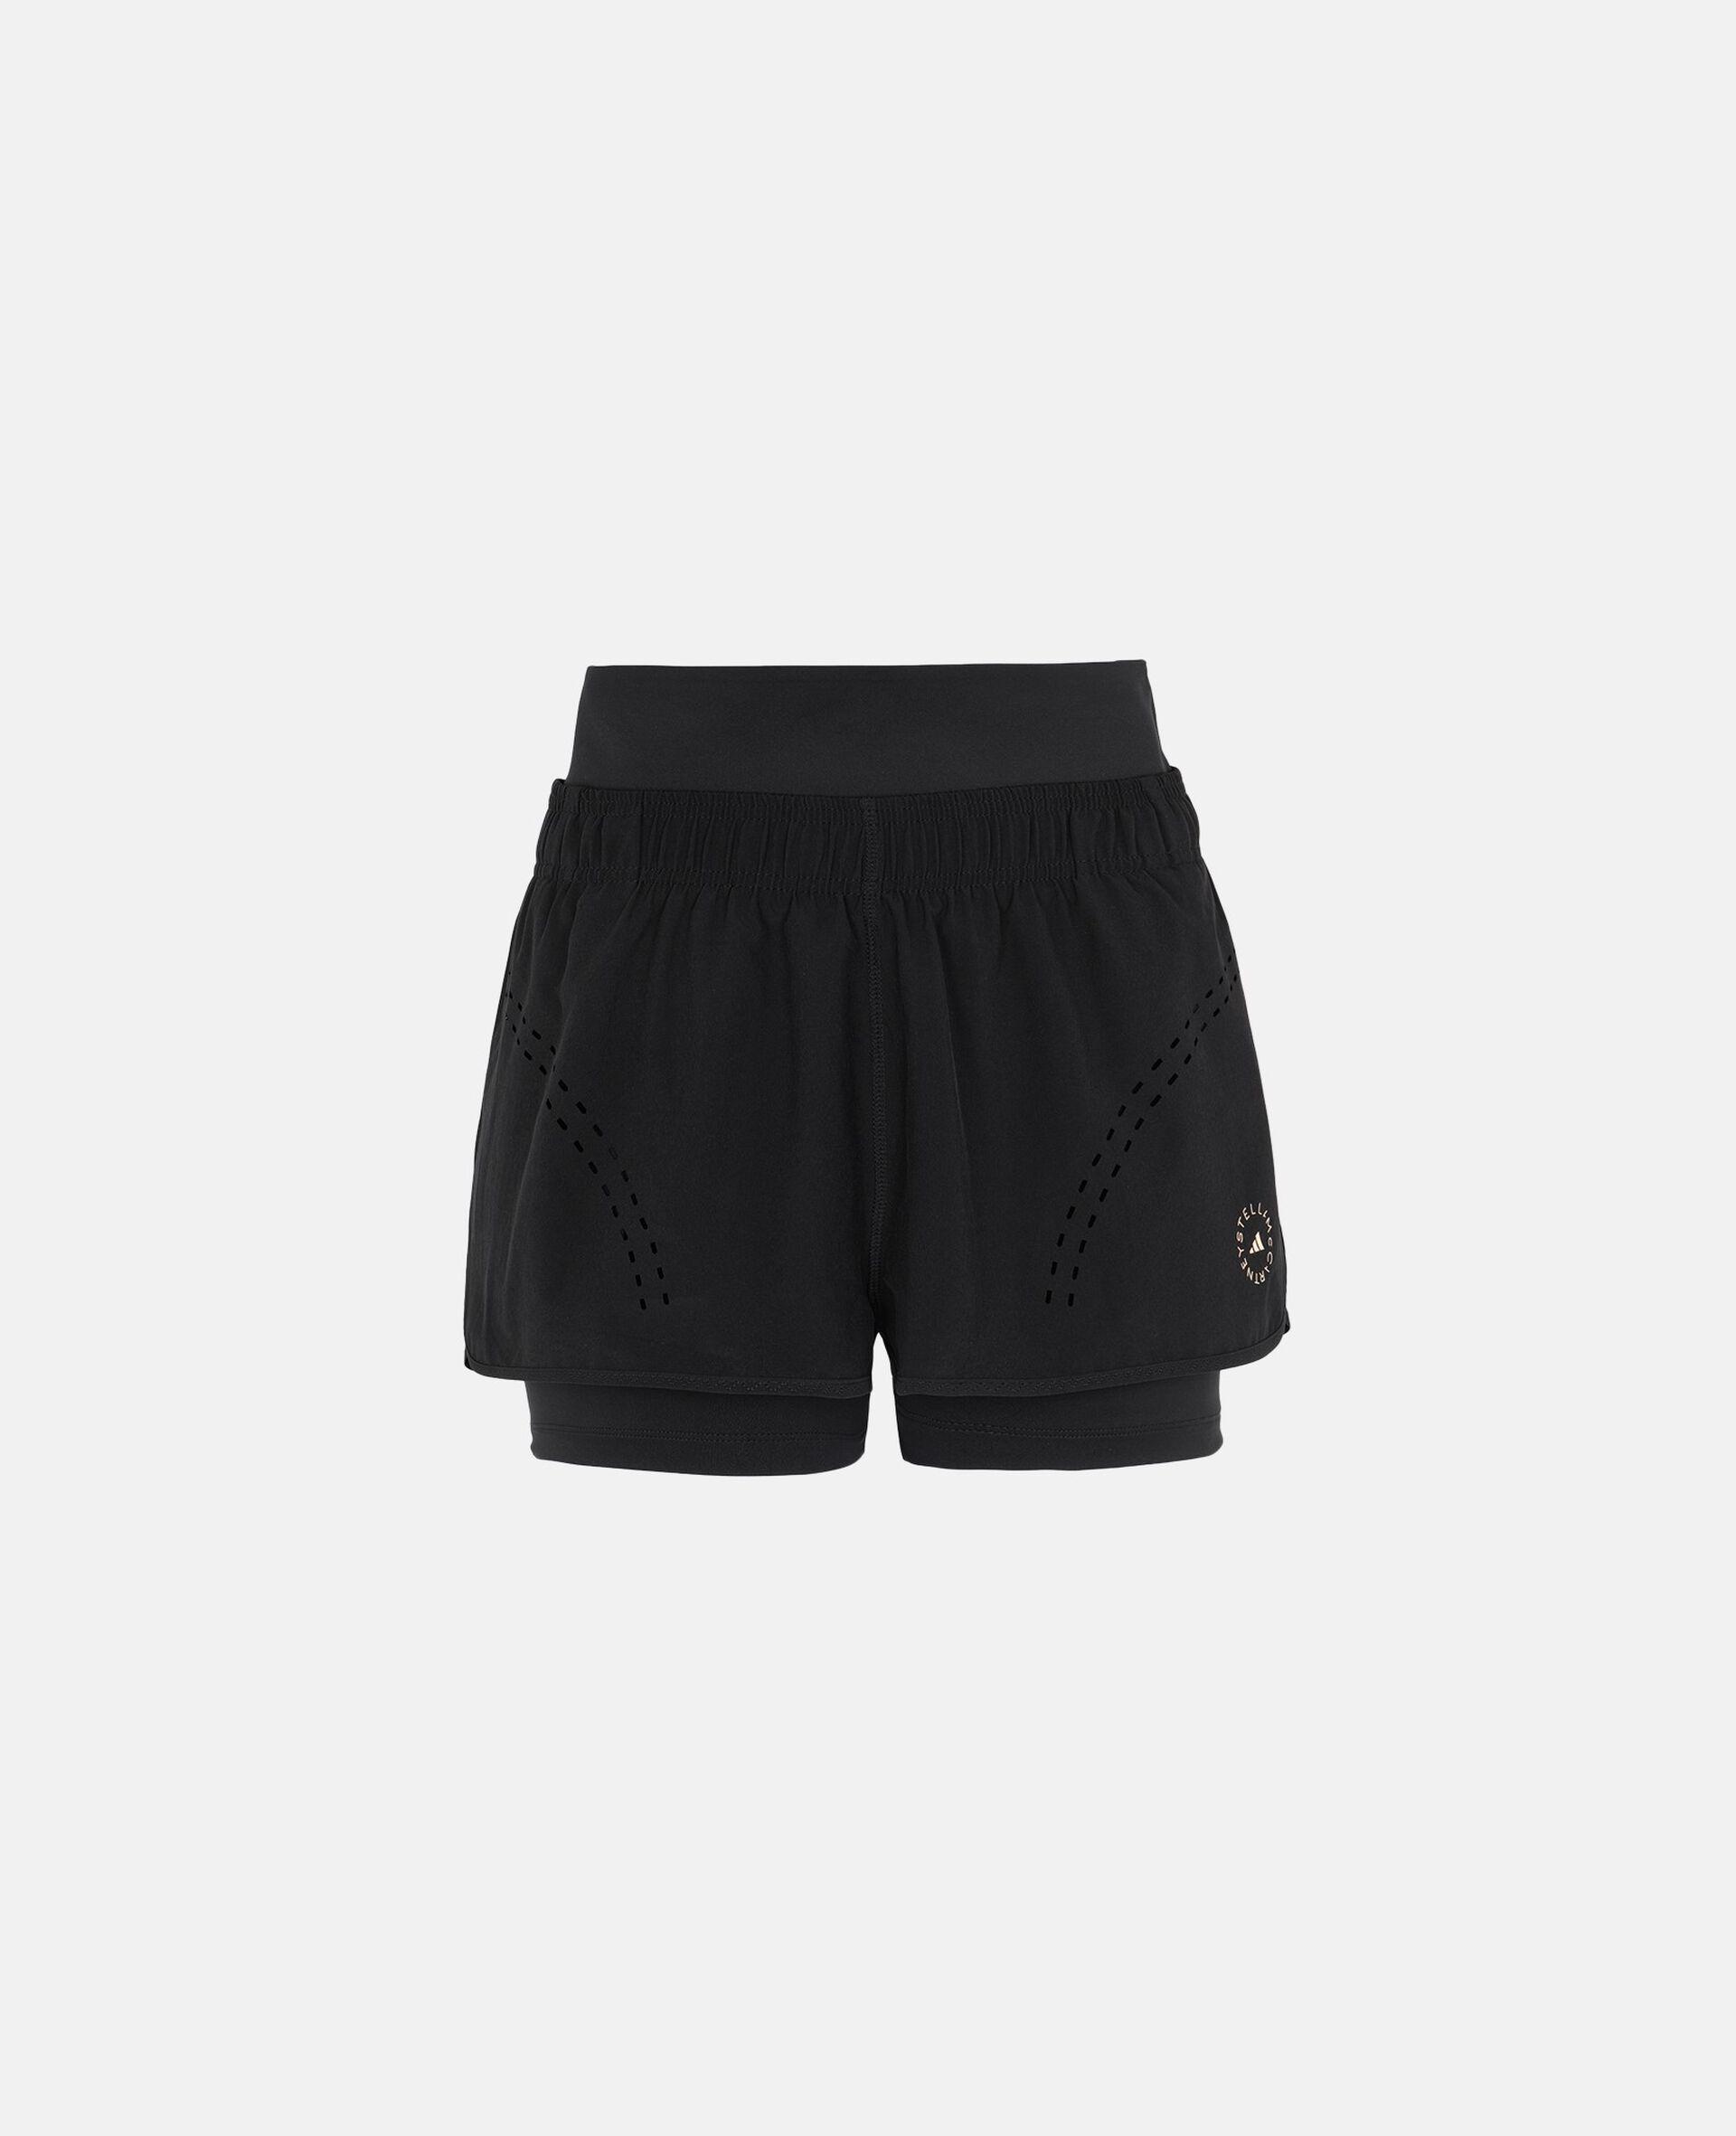 黑色 TruePurpose Training 短裤-黑色-large image number 0